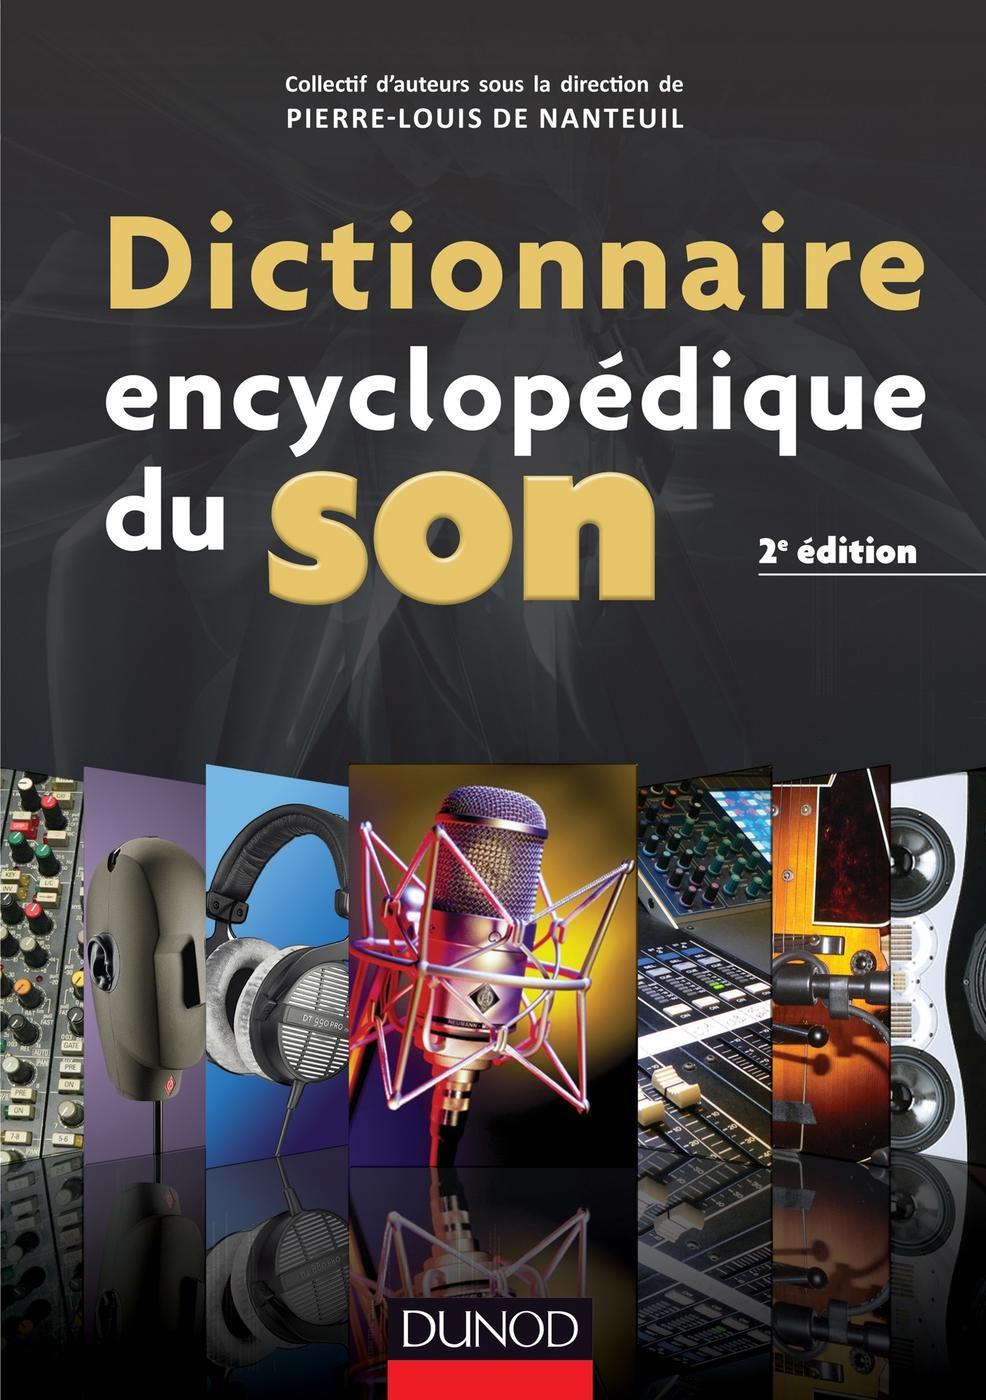 Dictionnaire Encyclopedique Du Son Pierre Louis De Nanteuil Librairie Eyrolles